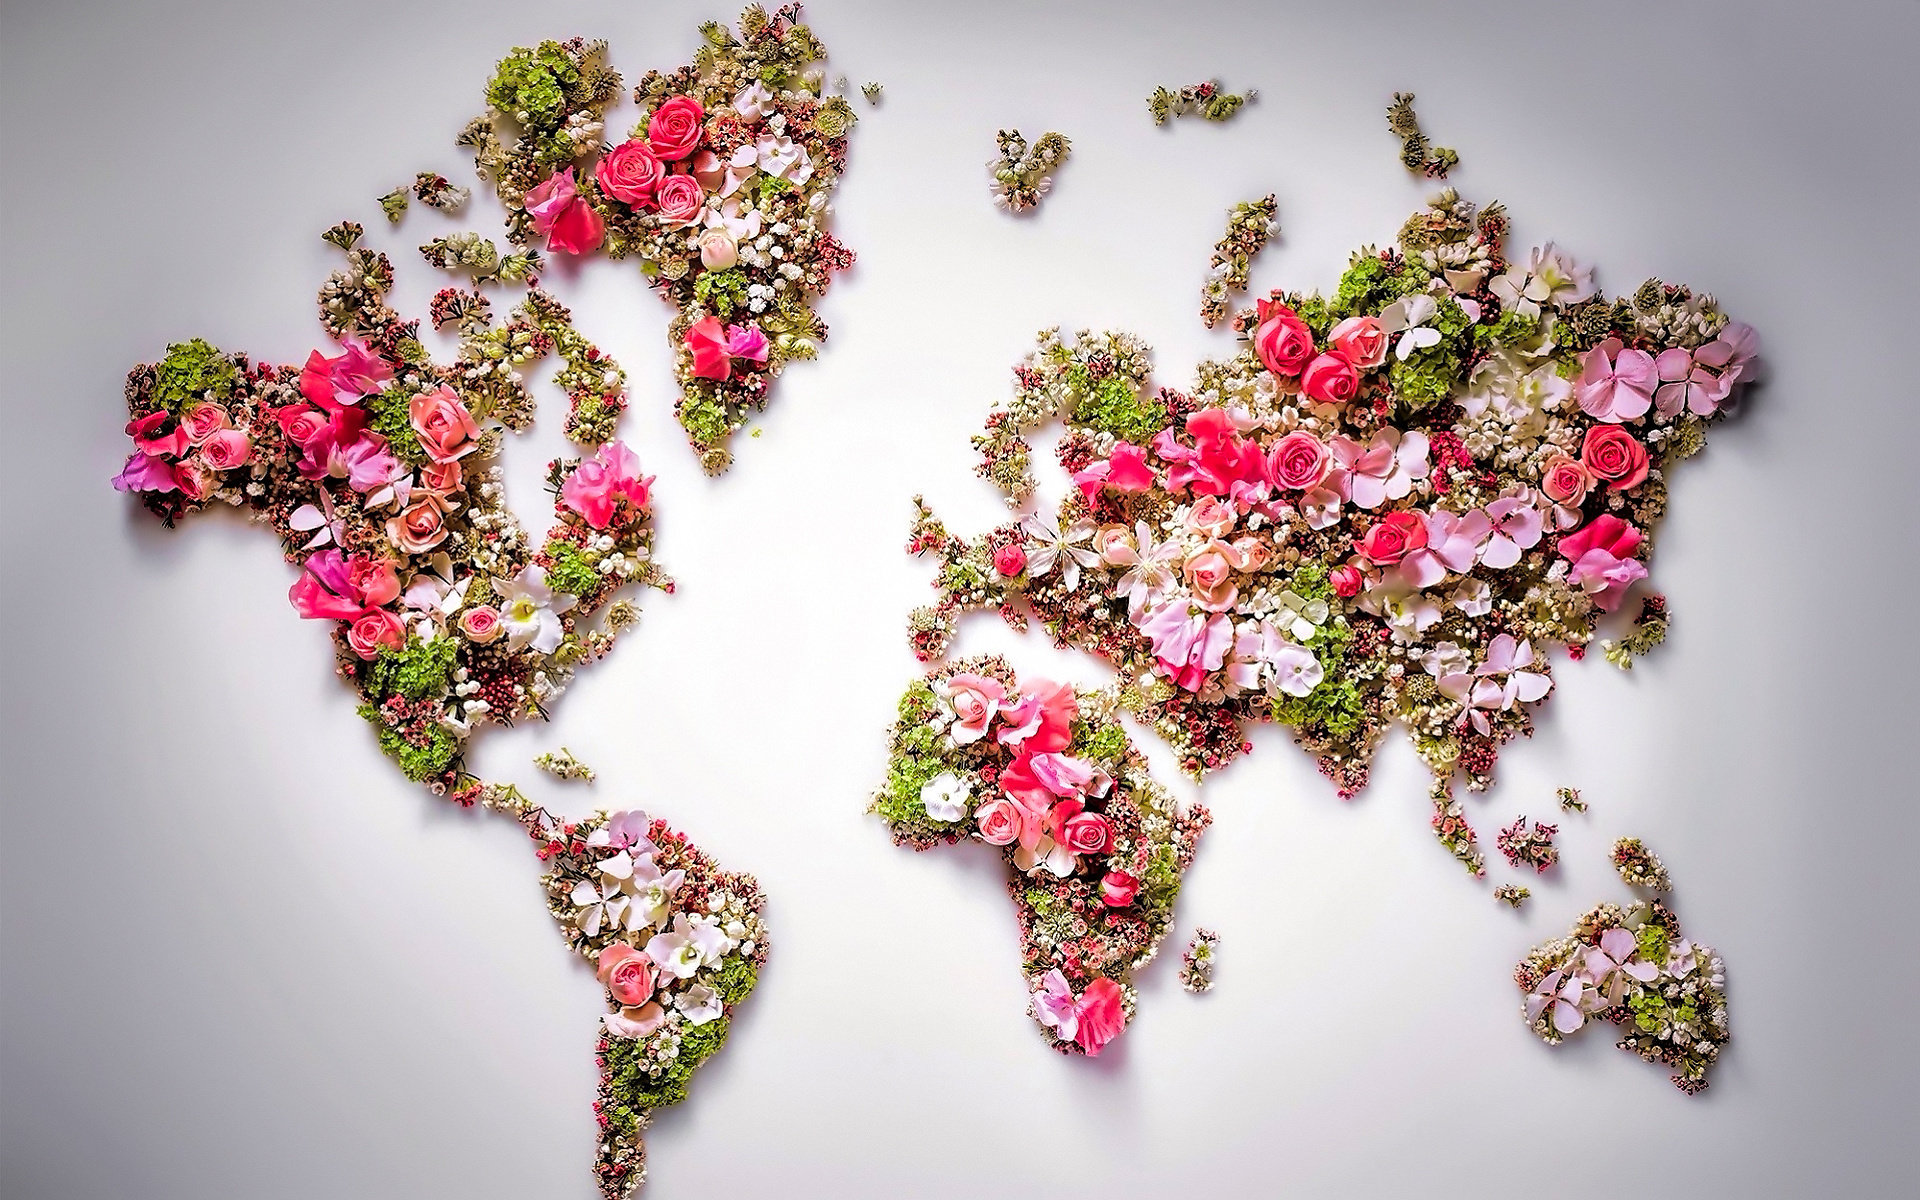 Доставка цветов по всему миру от SuperFlowers. Superflowers.com.ua